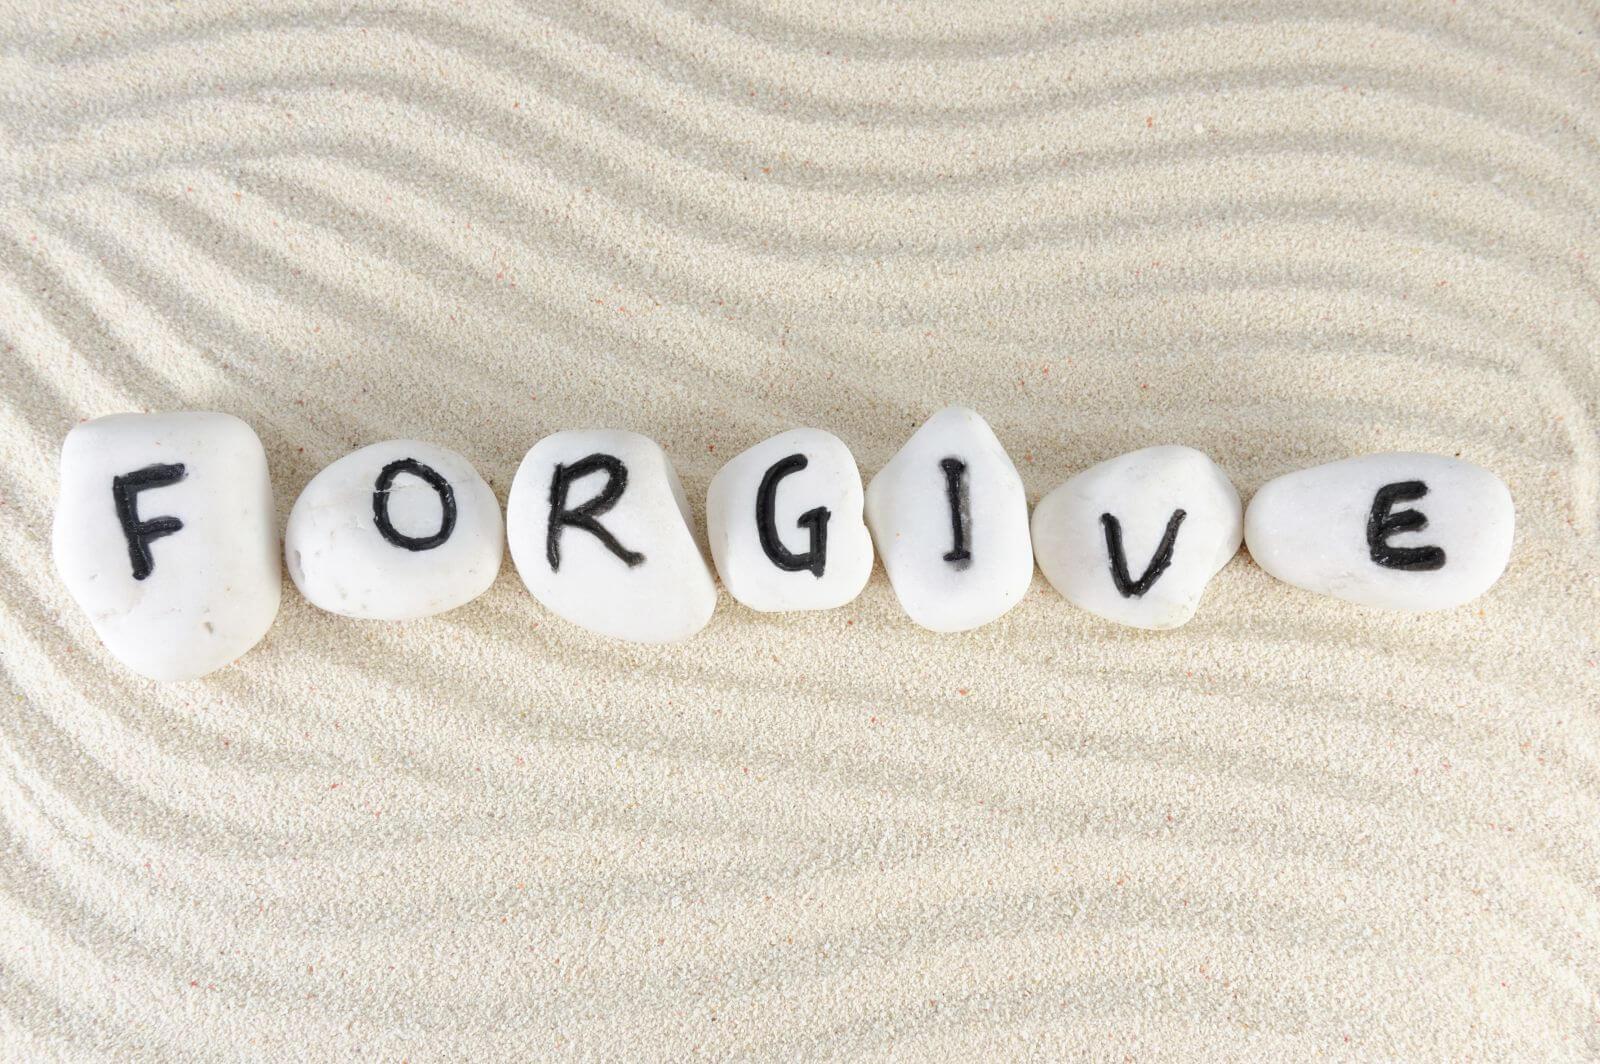 Học cách tha thứ lỗi lầm của người khác